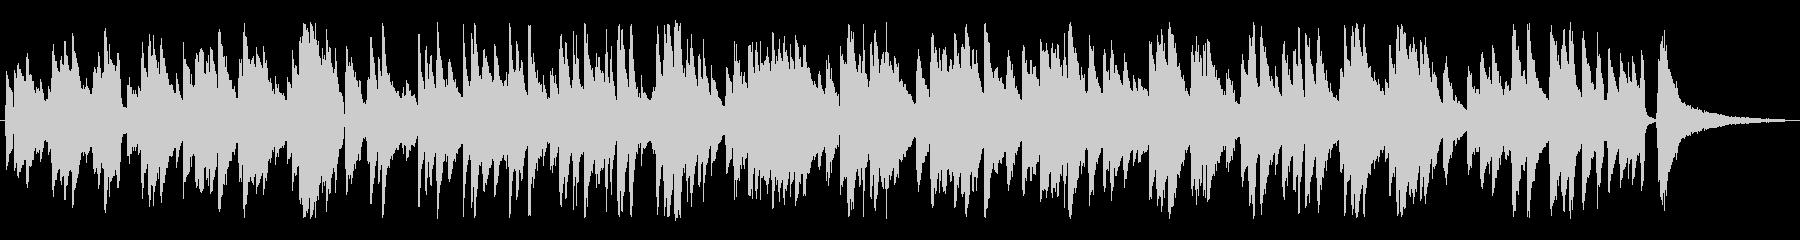 クリスマス/ジャズ風ラウンジピアノソロの未再生の波形